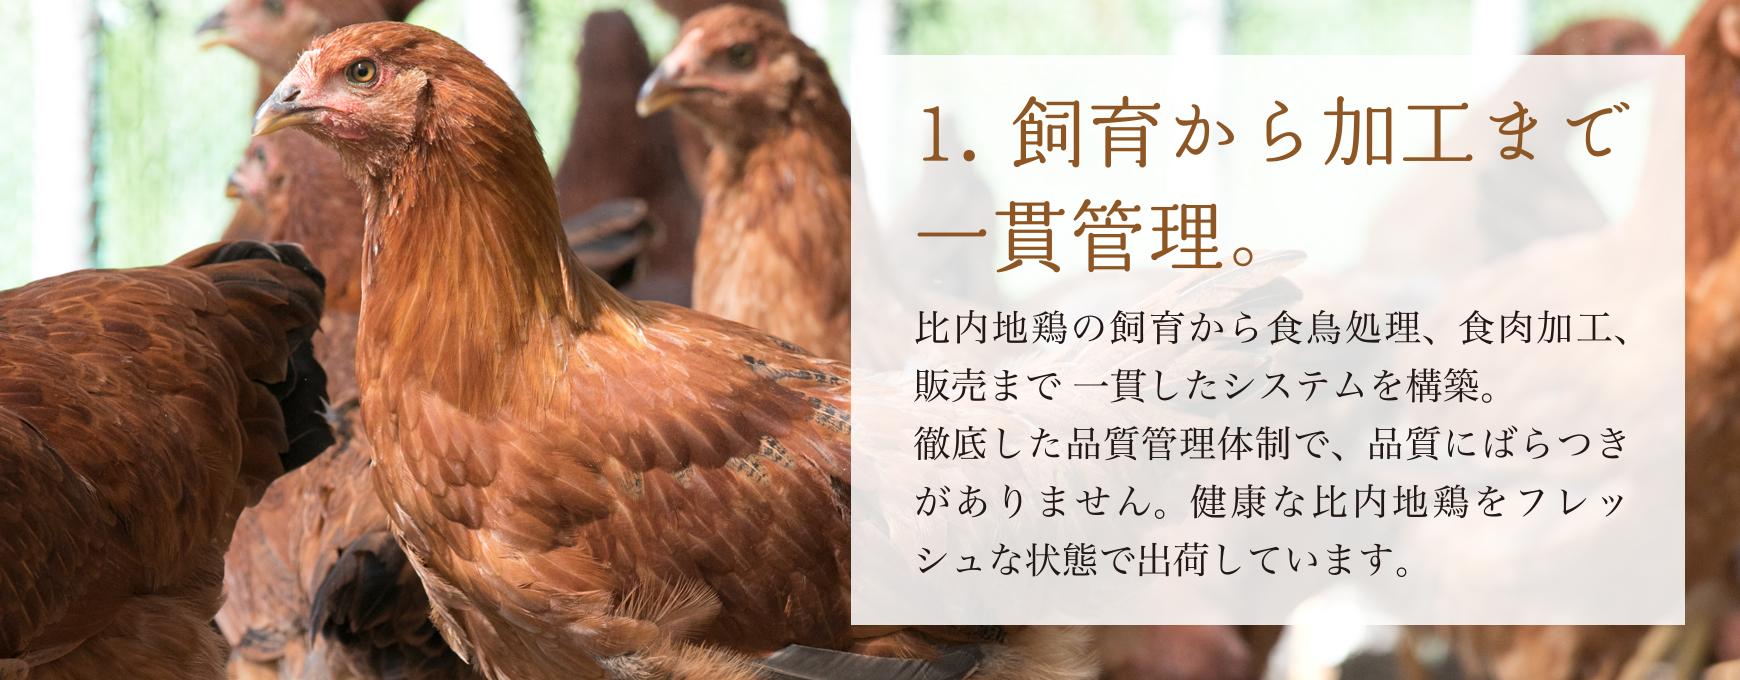 飼育から加工まで一貫管理